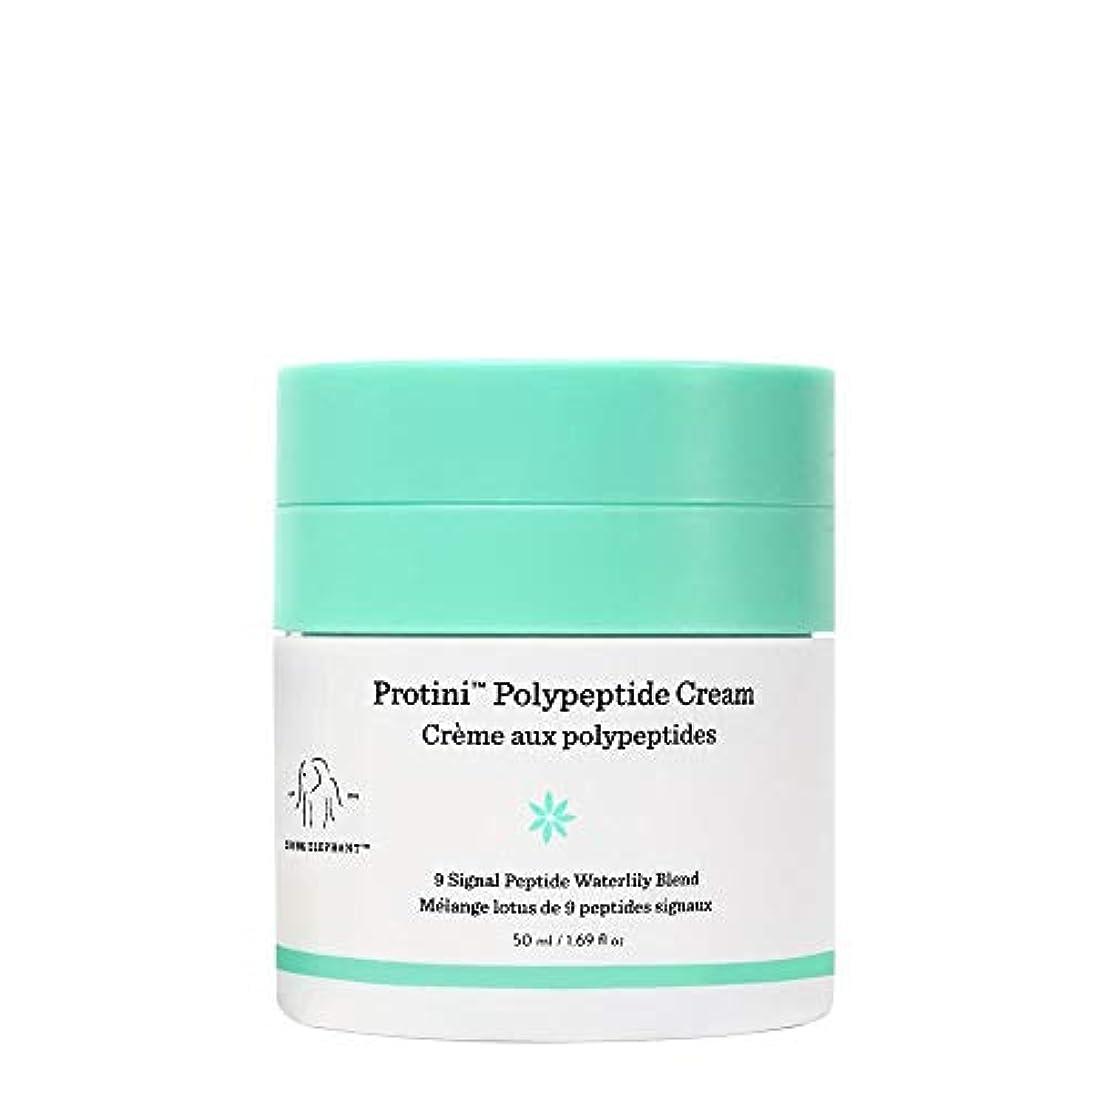 ビュッフェバレエポルトガル語DRUNK ELEPHANT Protini Polypeptide Cream 1.69 oz/ 50 ml ドランクエレファント プロティーニ ポリペプタイド クリーム 1.69 oz/ 50 ml